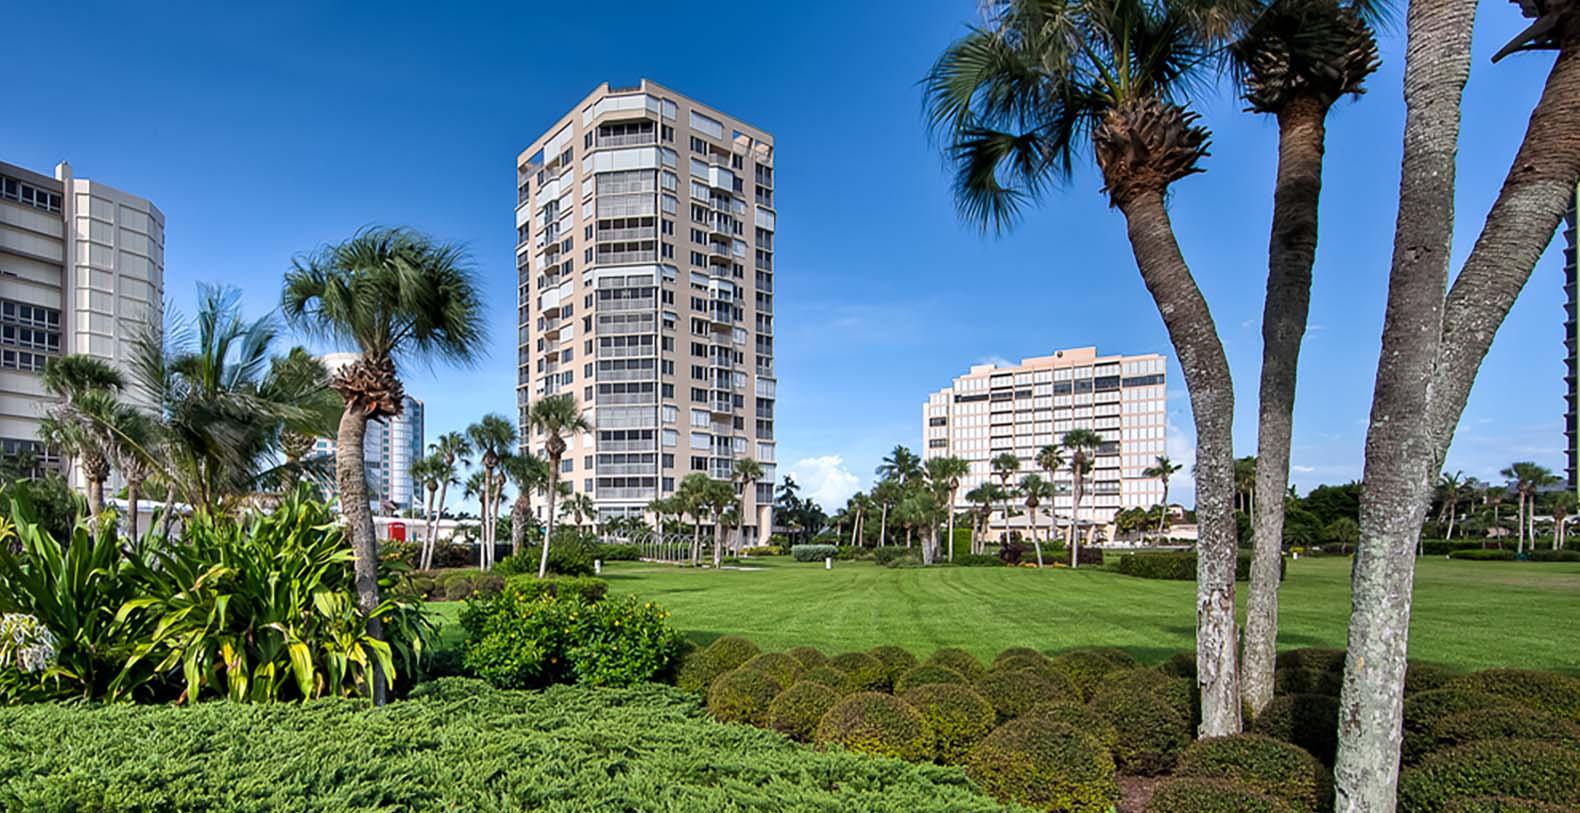 Beach Condo Naples Florida - Vacation Villa   Luxury ...